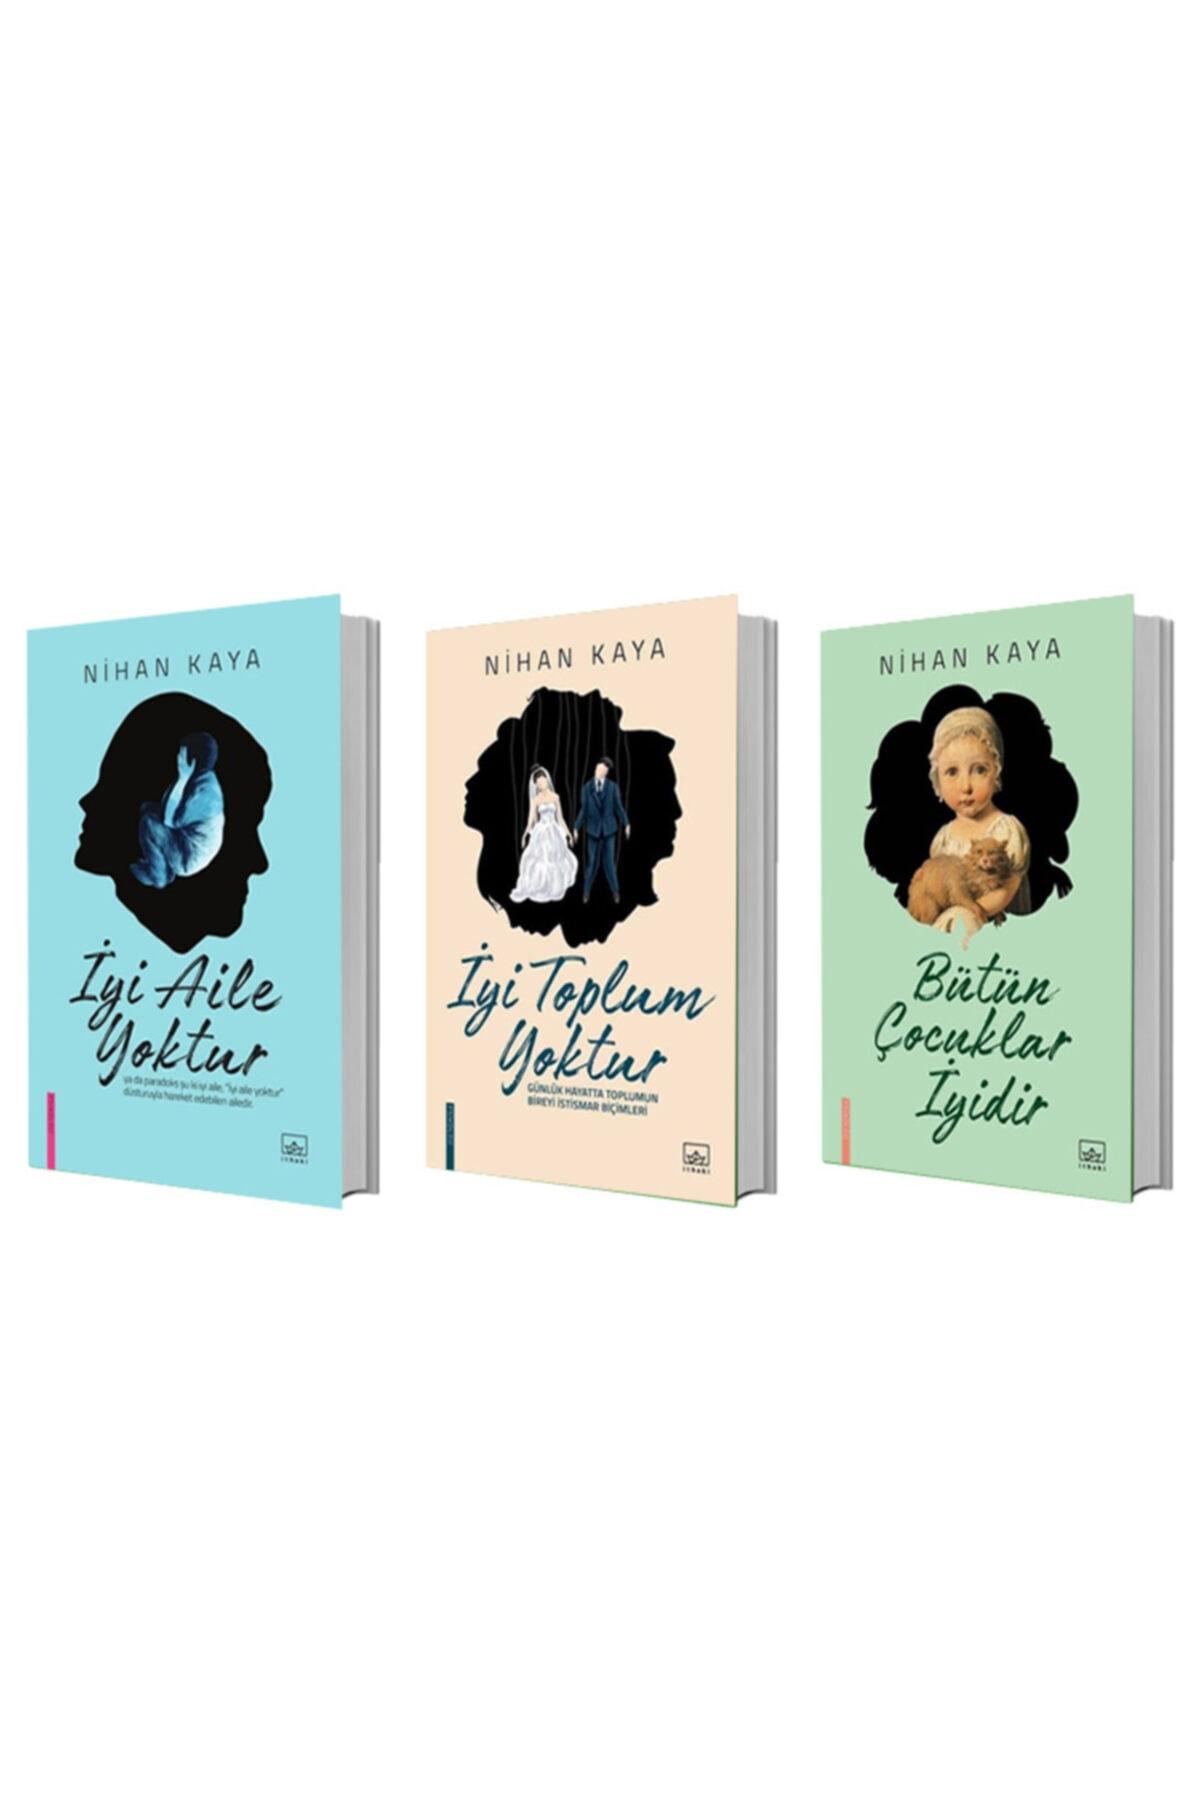 İthaki Yayınları Iyi Aile Yoktur + Iyi Toplum Yoktur + Bütün Çocuklar Iyidir - Nihan Kaya 3 Kitap Set 1